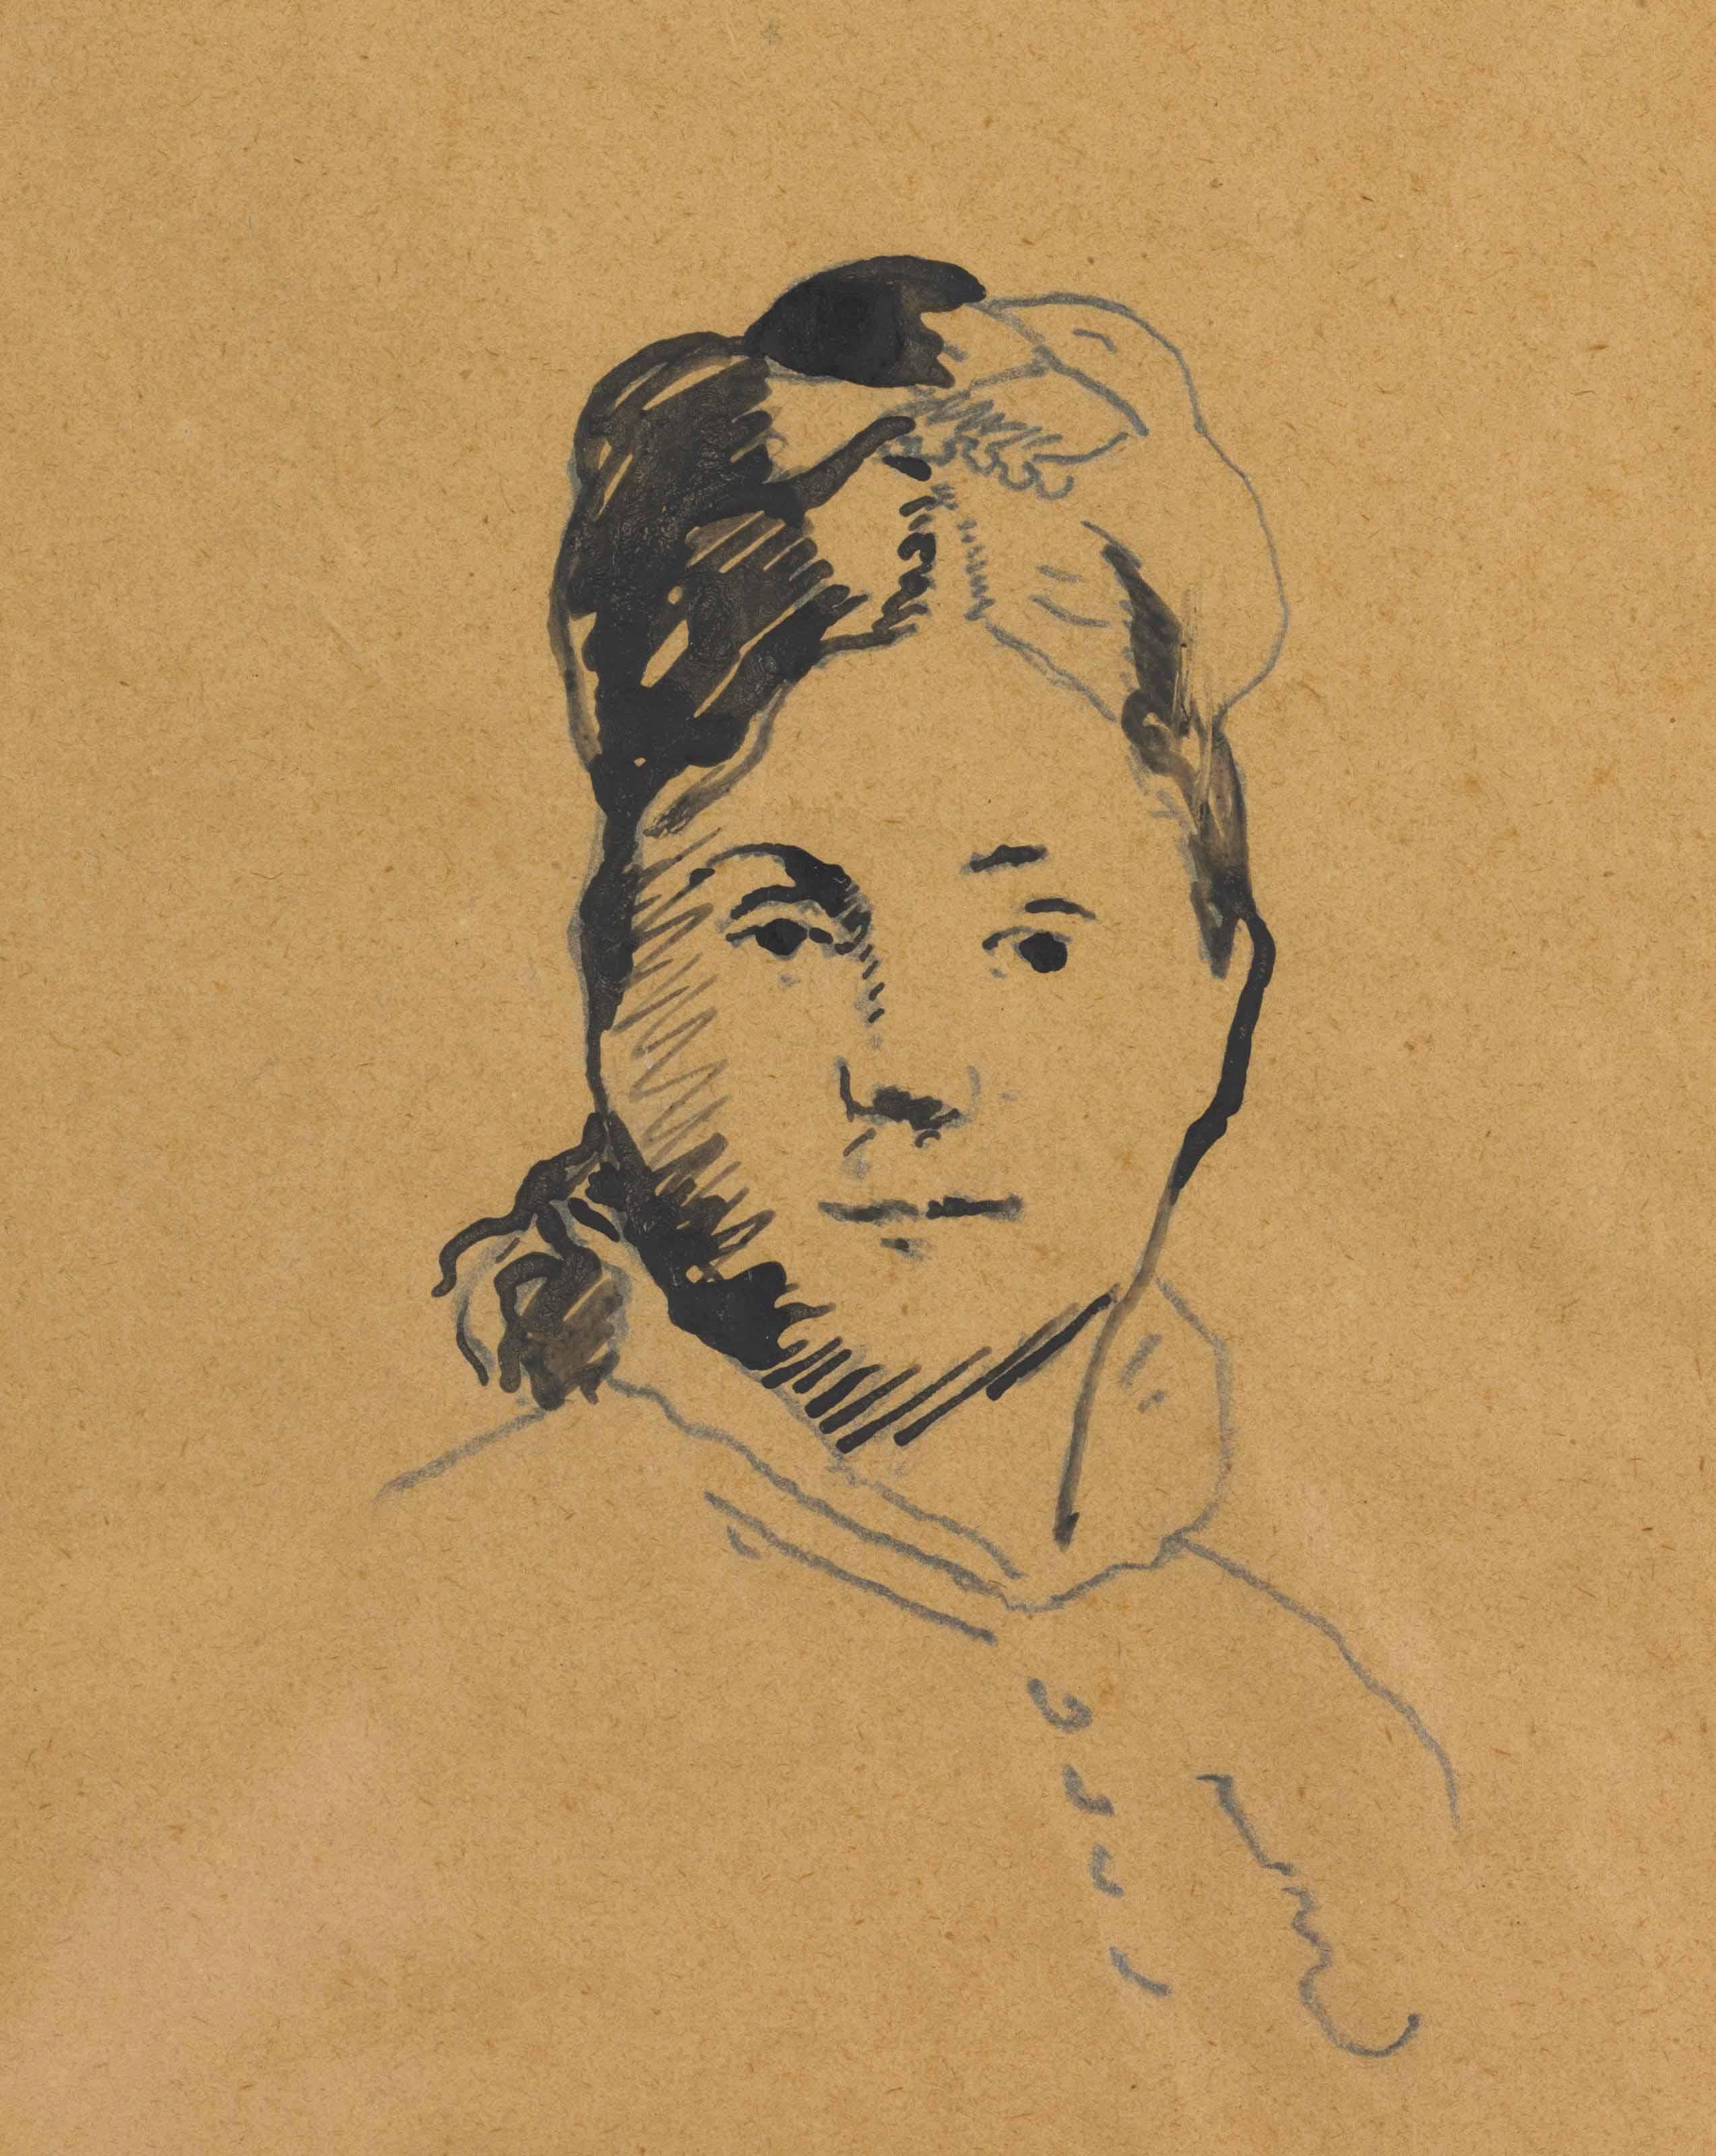 Mademoiselle Juliette Dodu